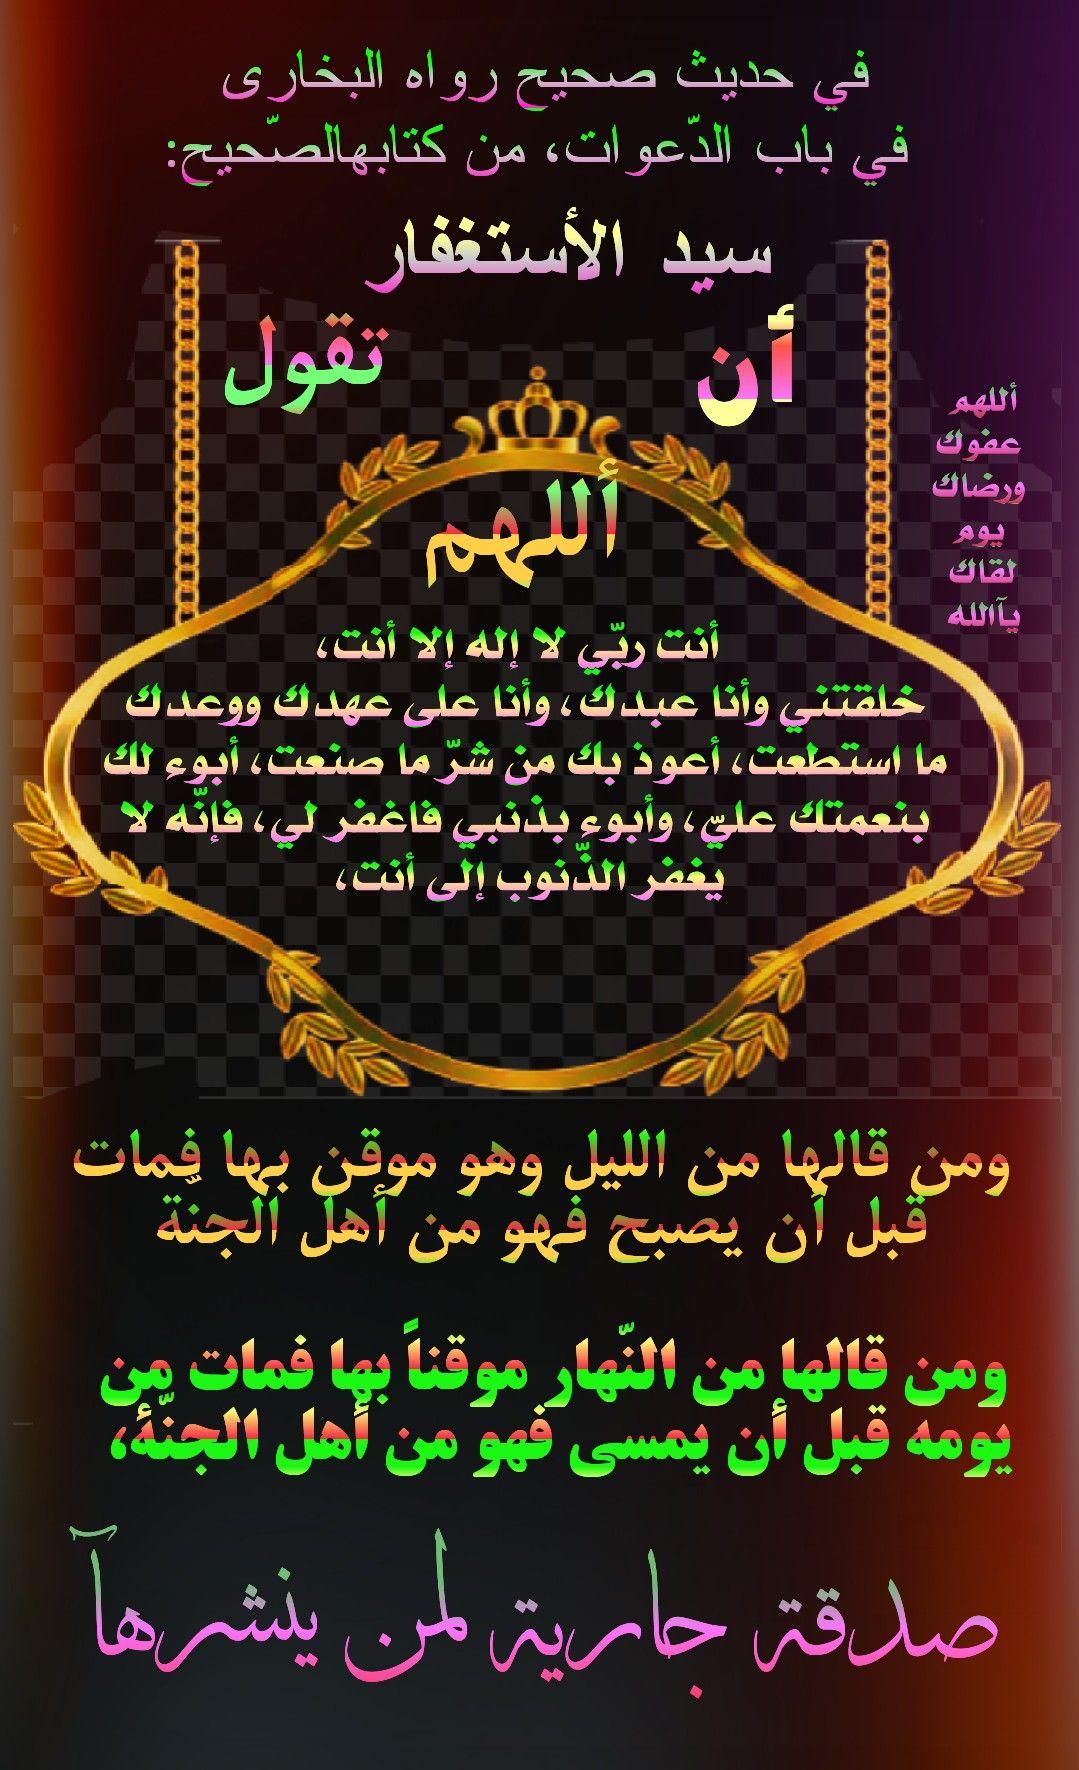 Astagfir ALLAH El3adim Wa Atoub Ilaih ISLAM Pinterest Allah